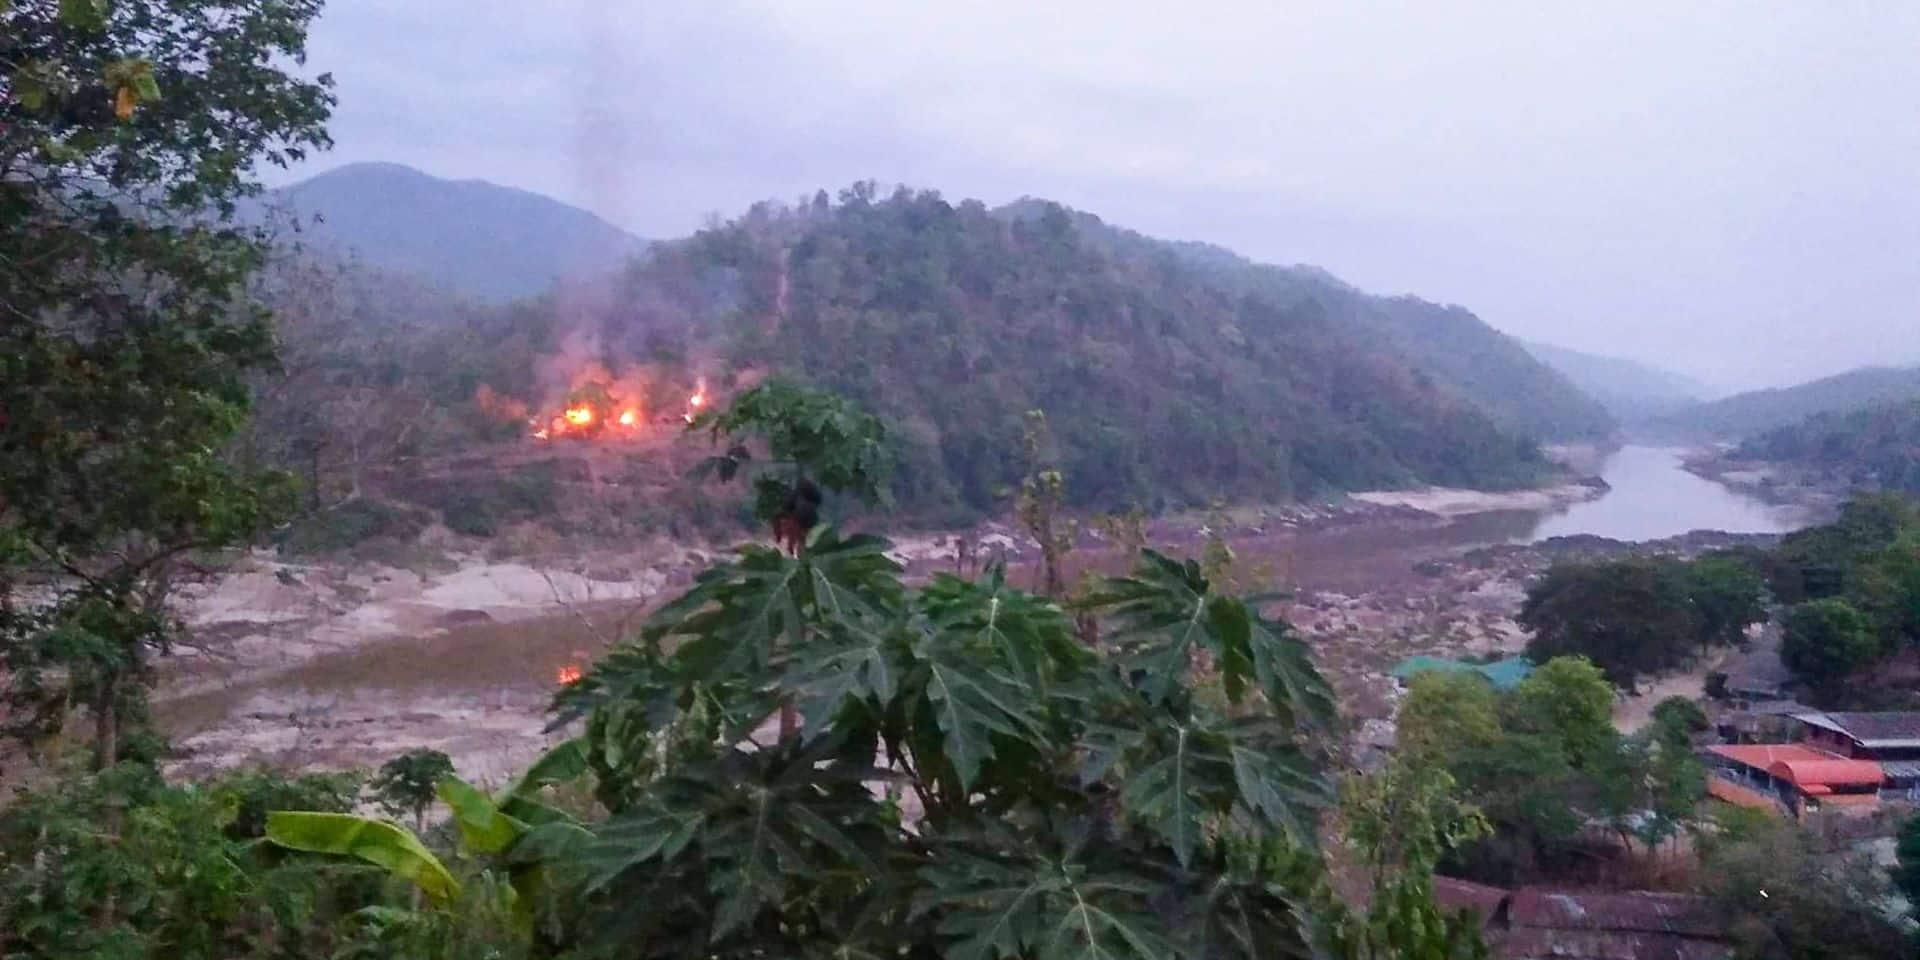 Prise d'assaut des rebelles, raids aériens de l'armée : la situation s'embrase à nouveau en Birmanie